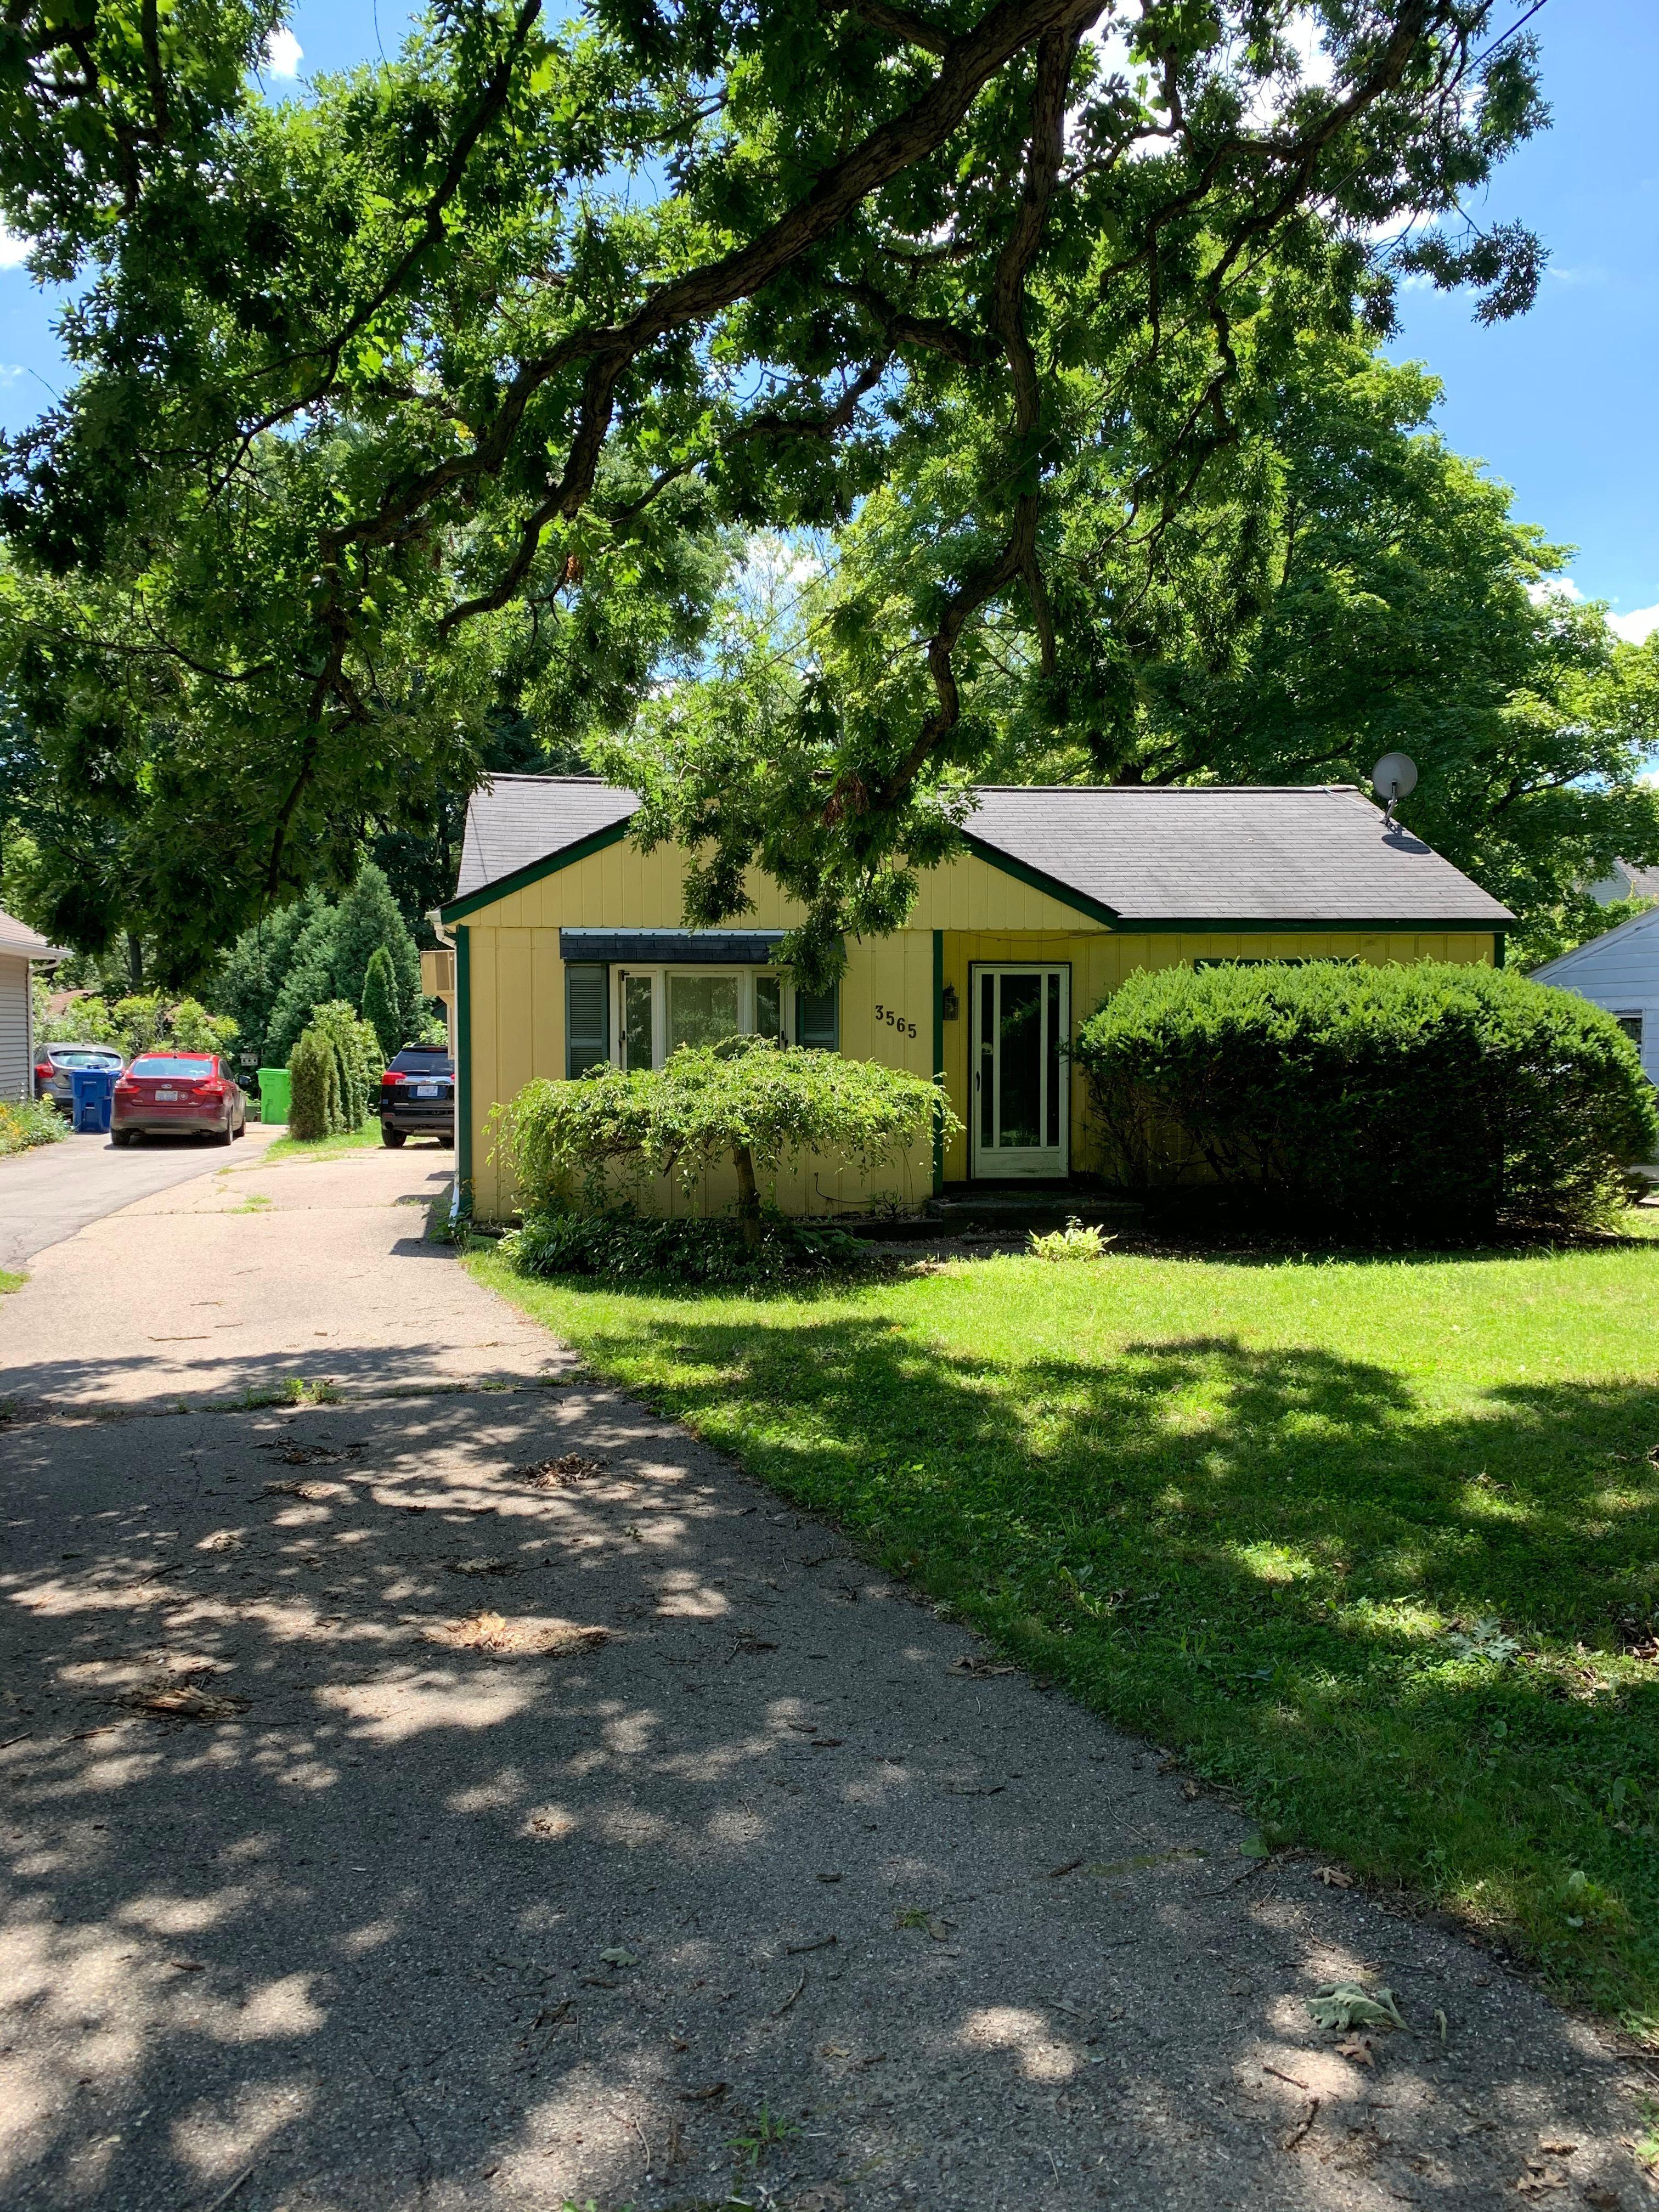 3565 Watkins Lake Rd, Waterford Township, MI